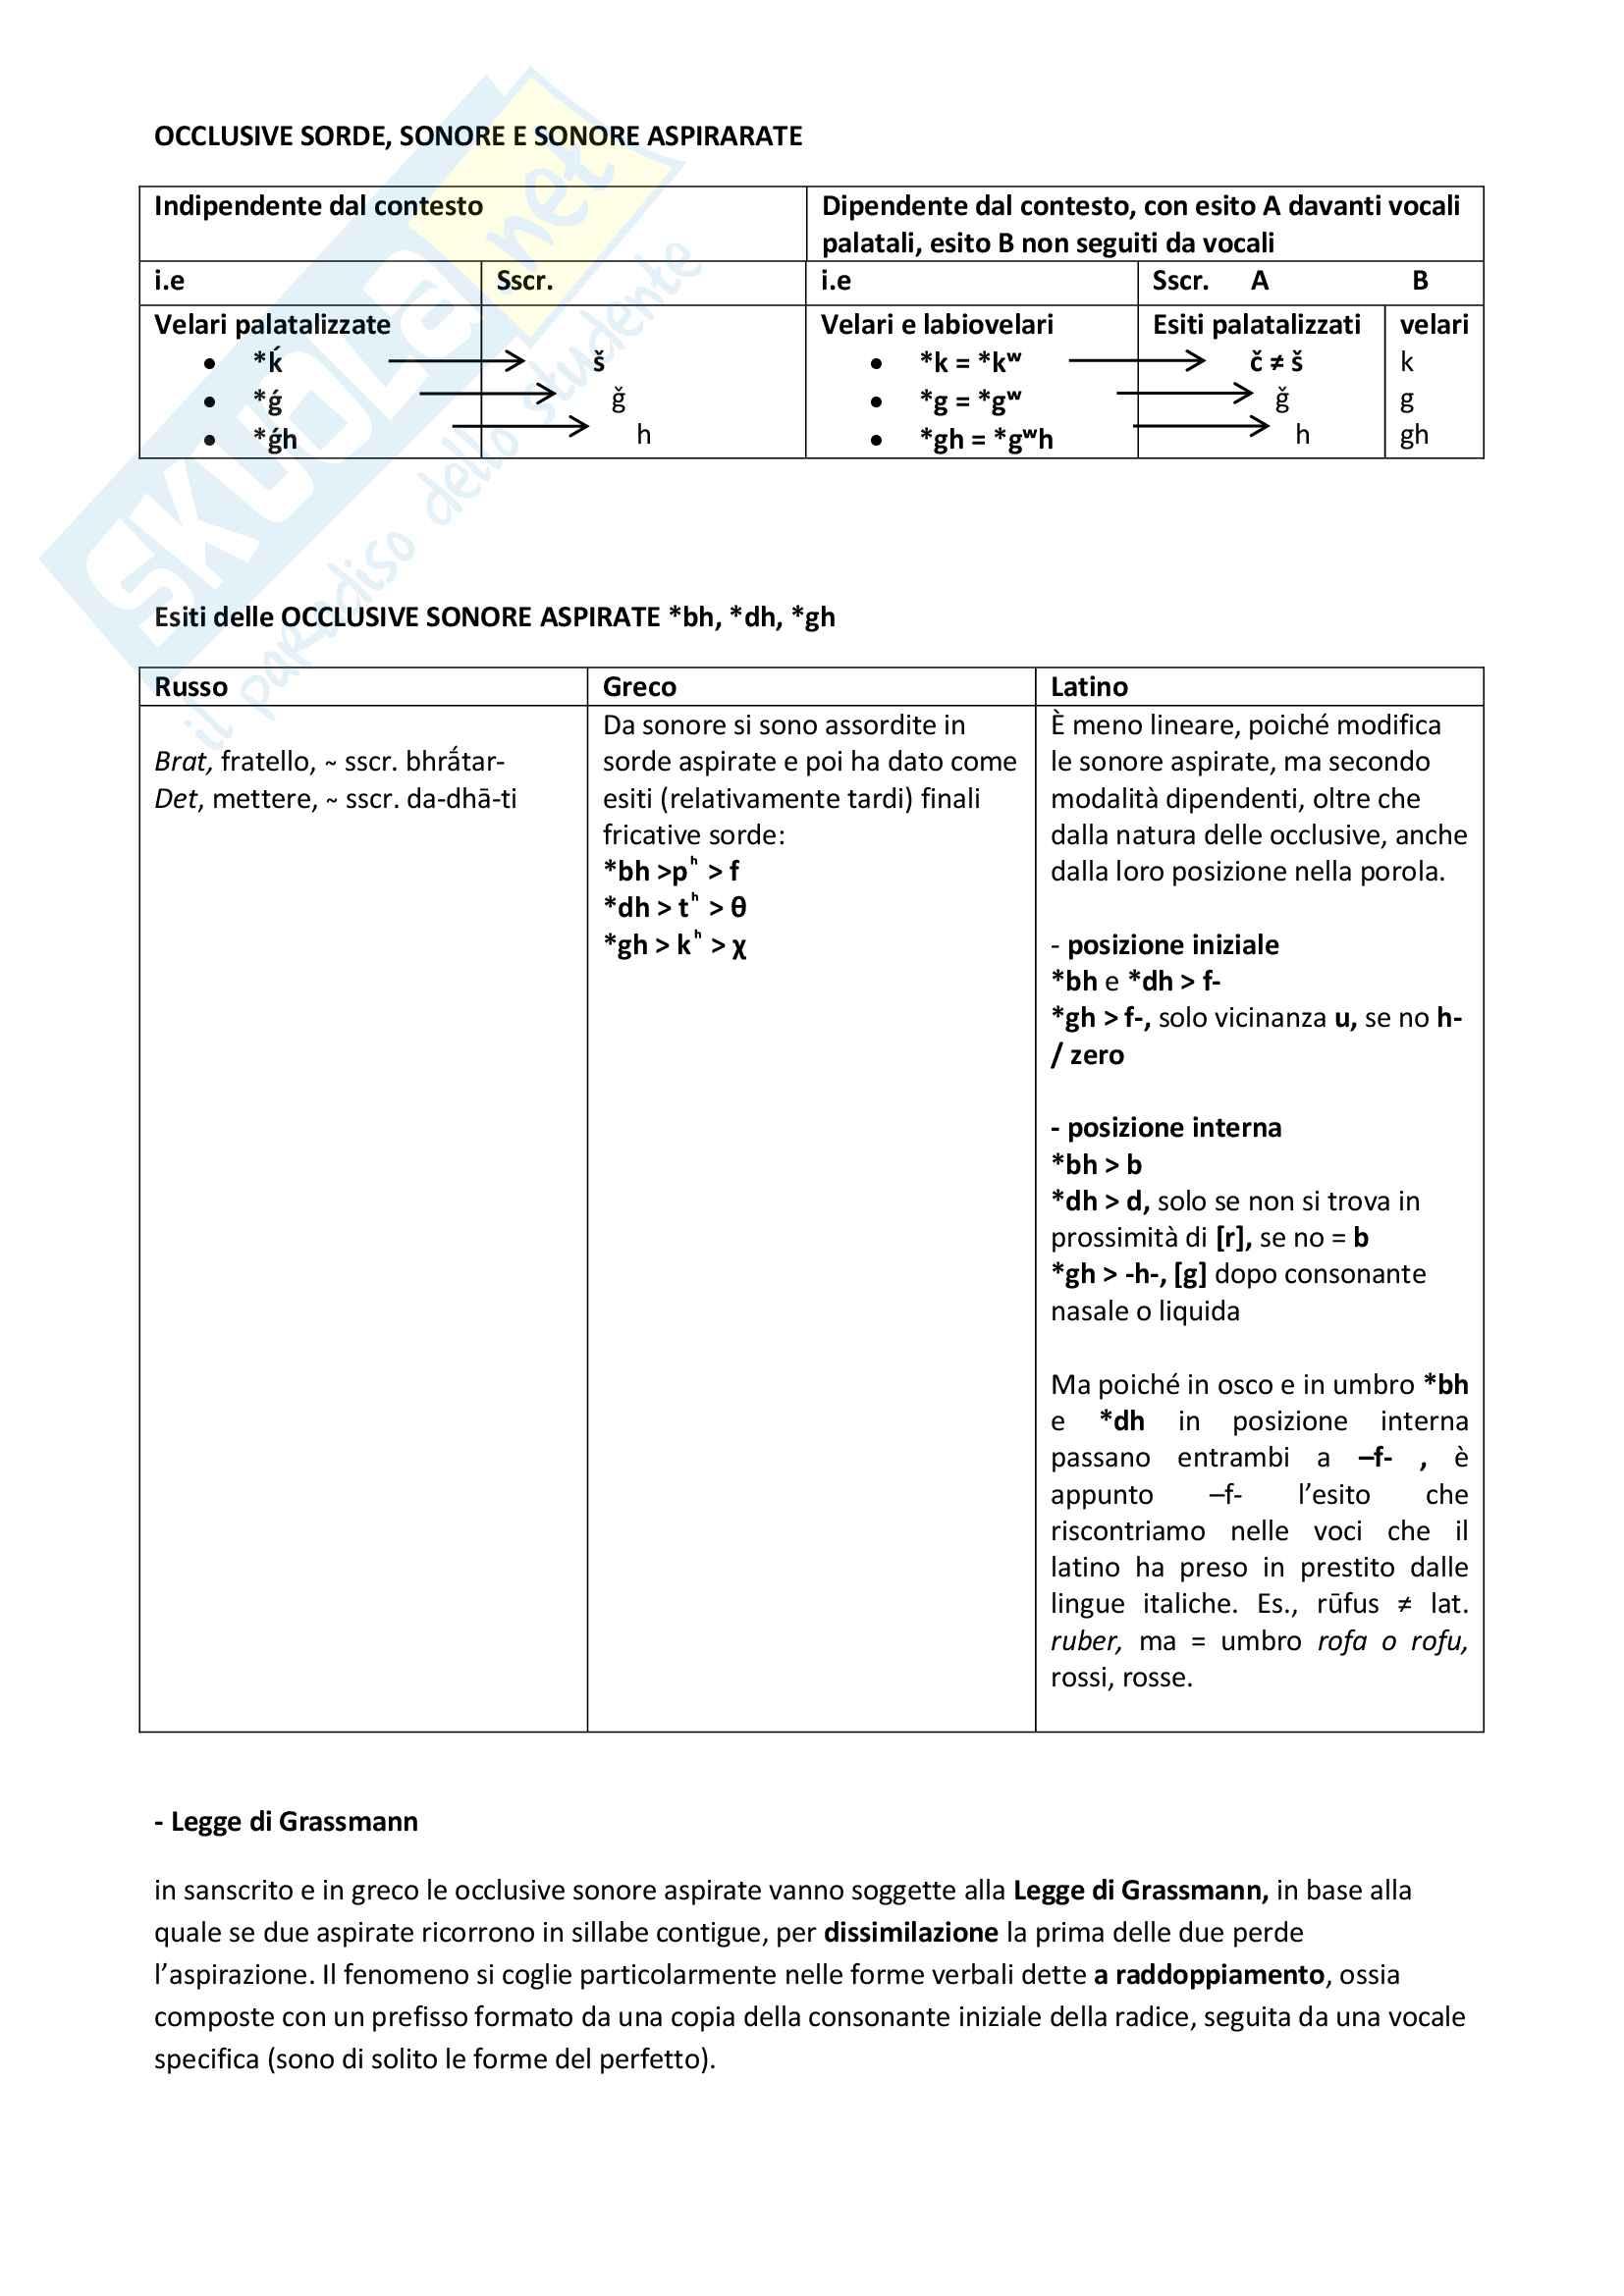 Riassunto esame Glottologia, Fanciullo, libro consigliato Manuale di linguistica storica, Fanciullo Pag. 11